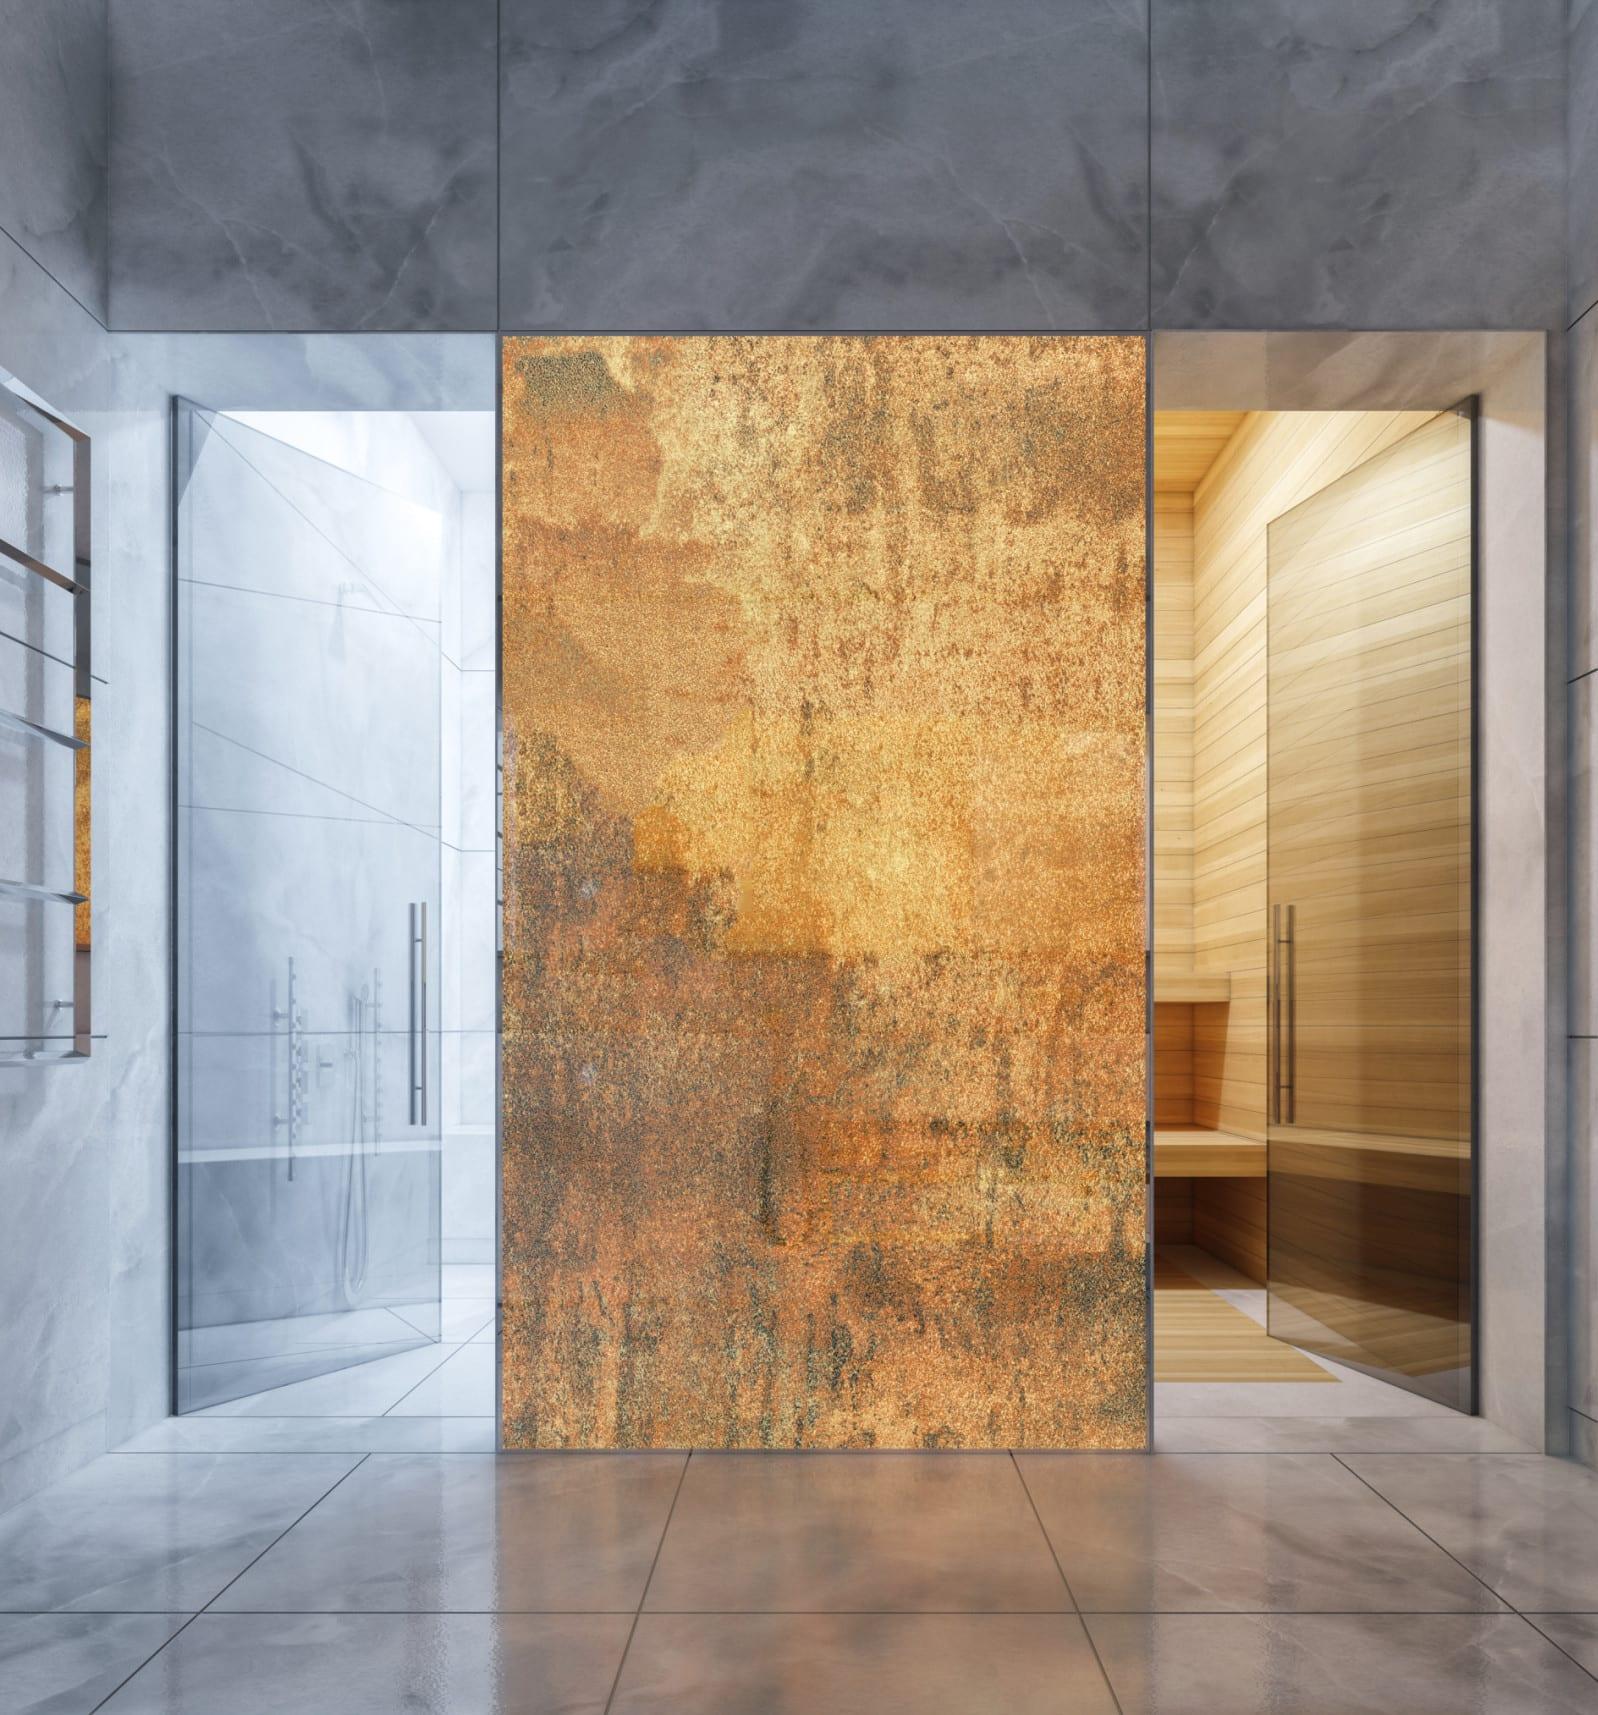 modernes bad mit großen bodenfliesen,transluzenter trennwand und großen glastüren zum duschbereich und sauna mit wandfliesen in holzoptik